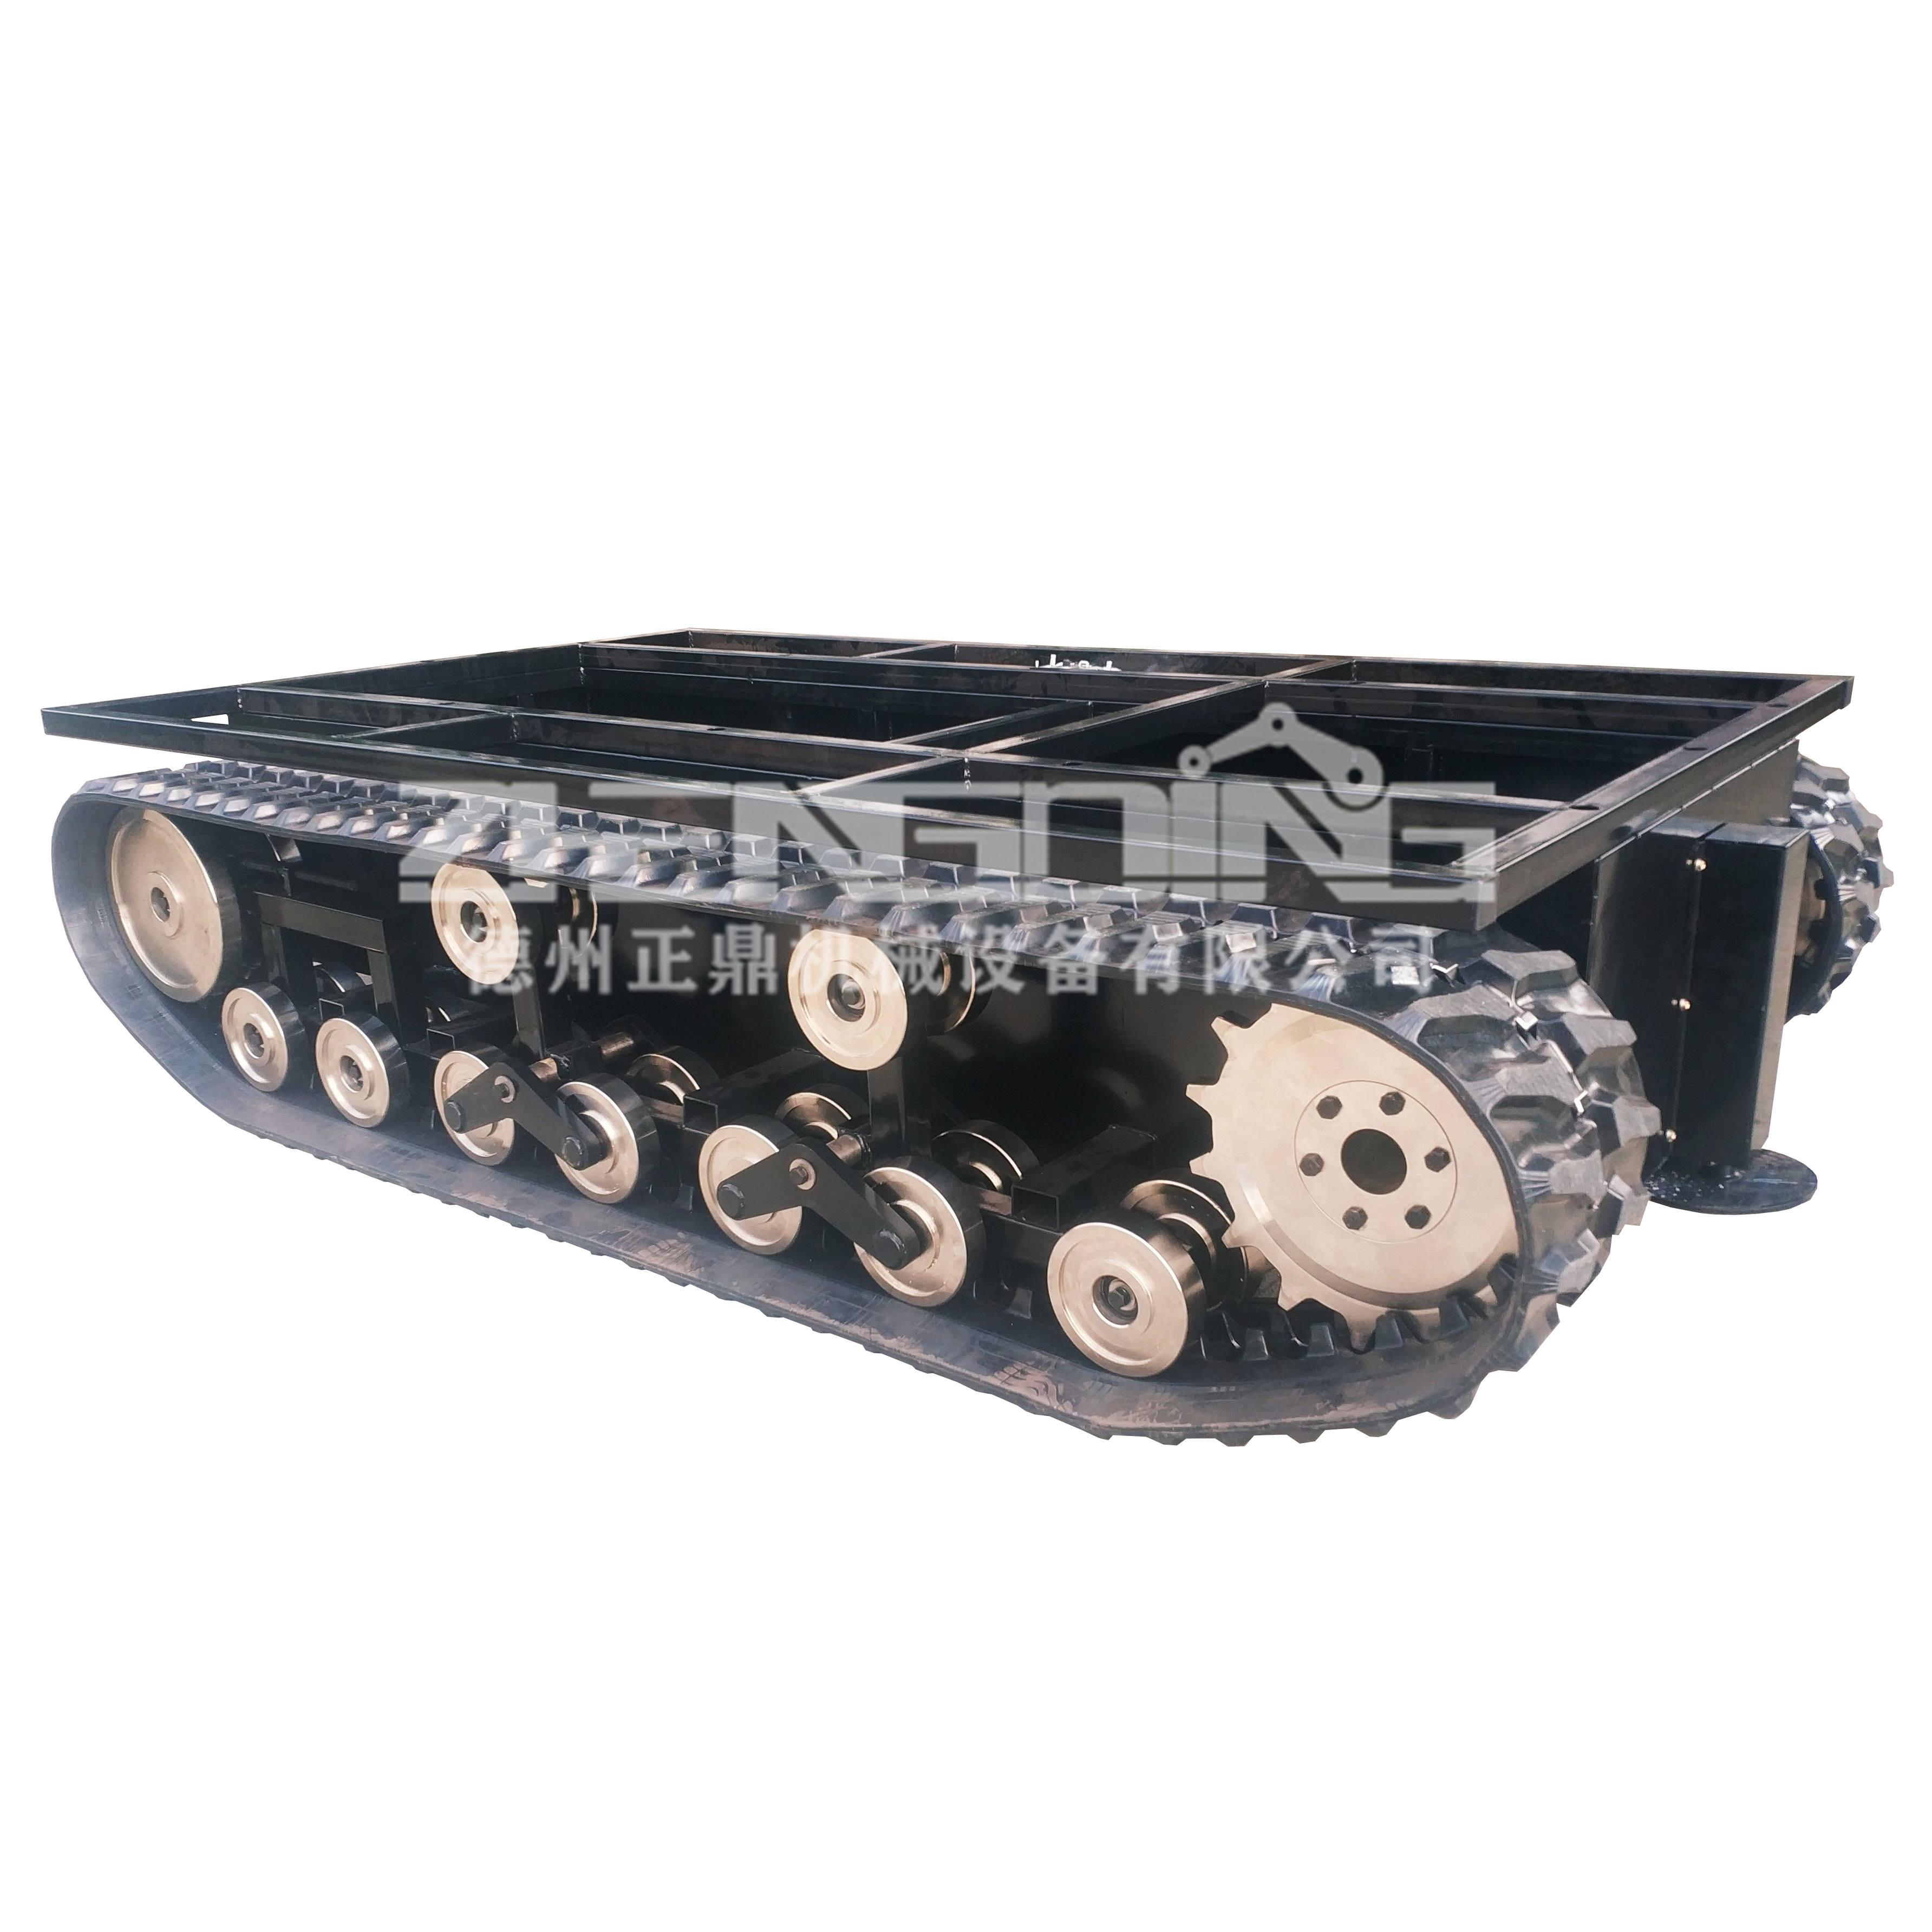 ZDDP-SDKM-300橡胶履带底盘